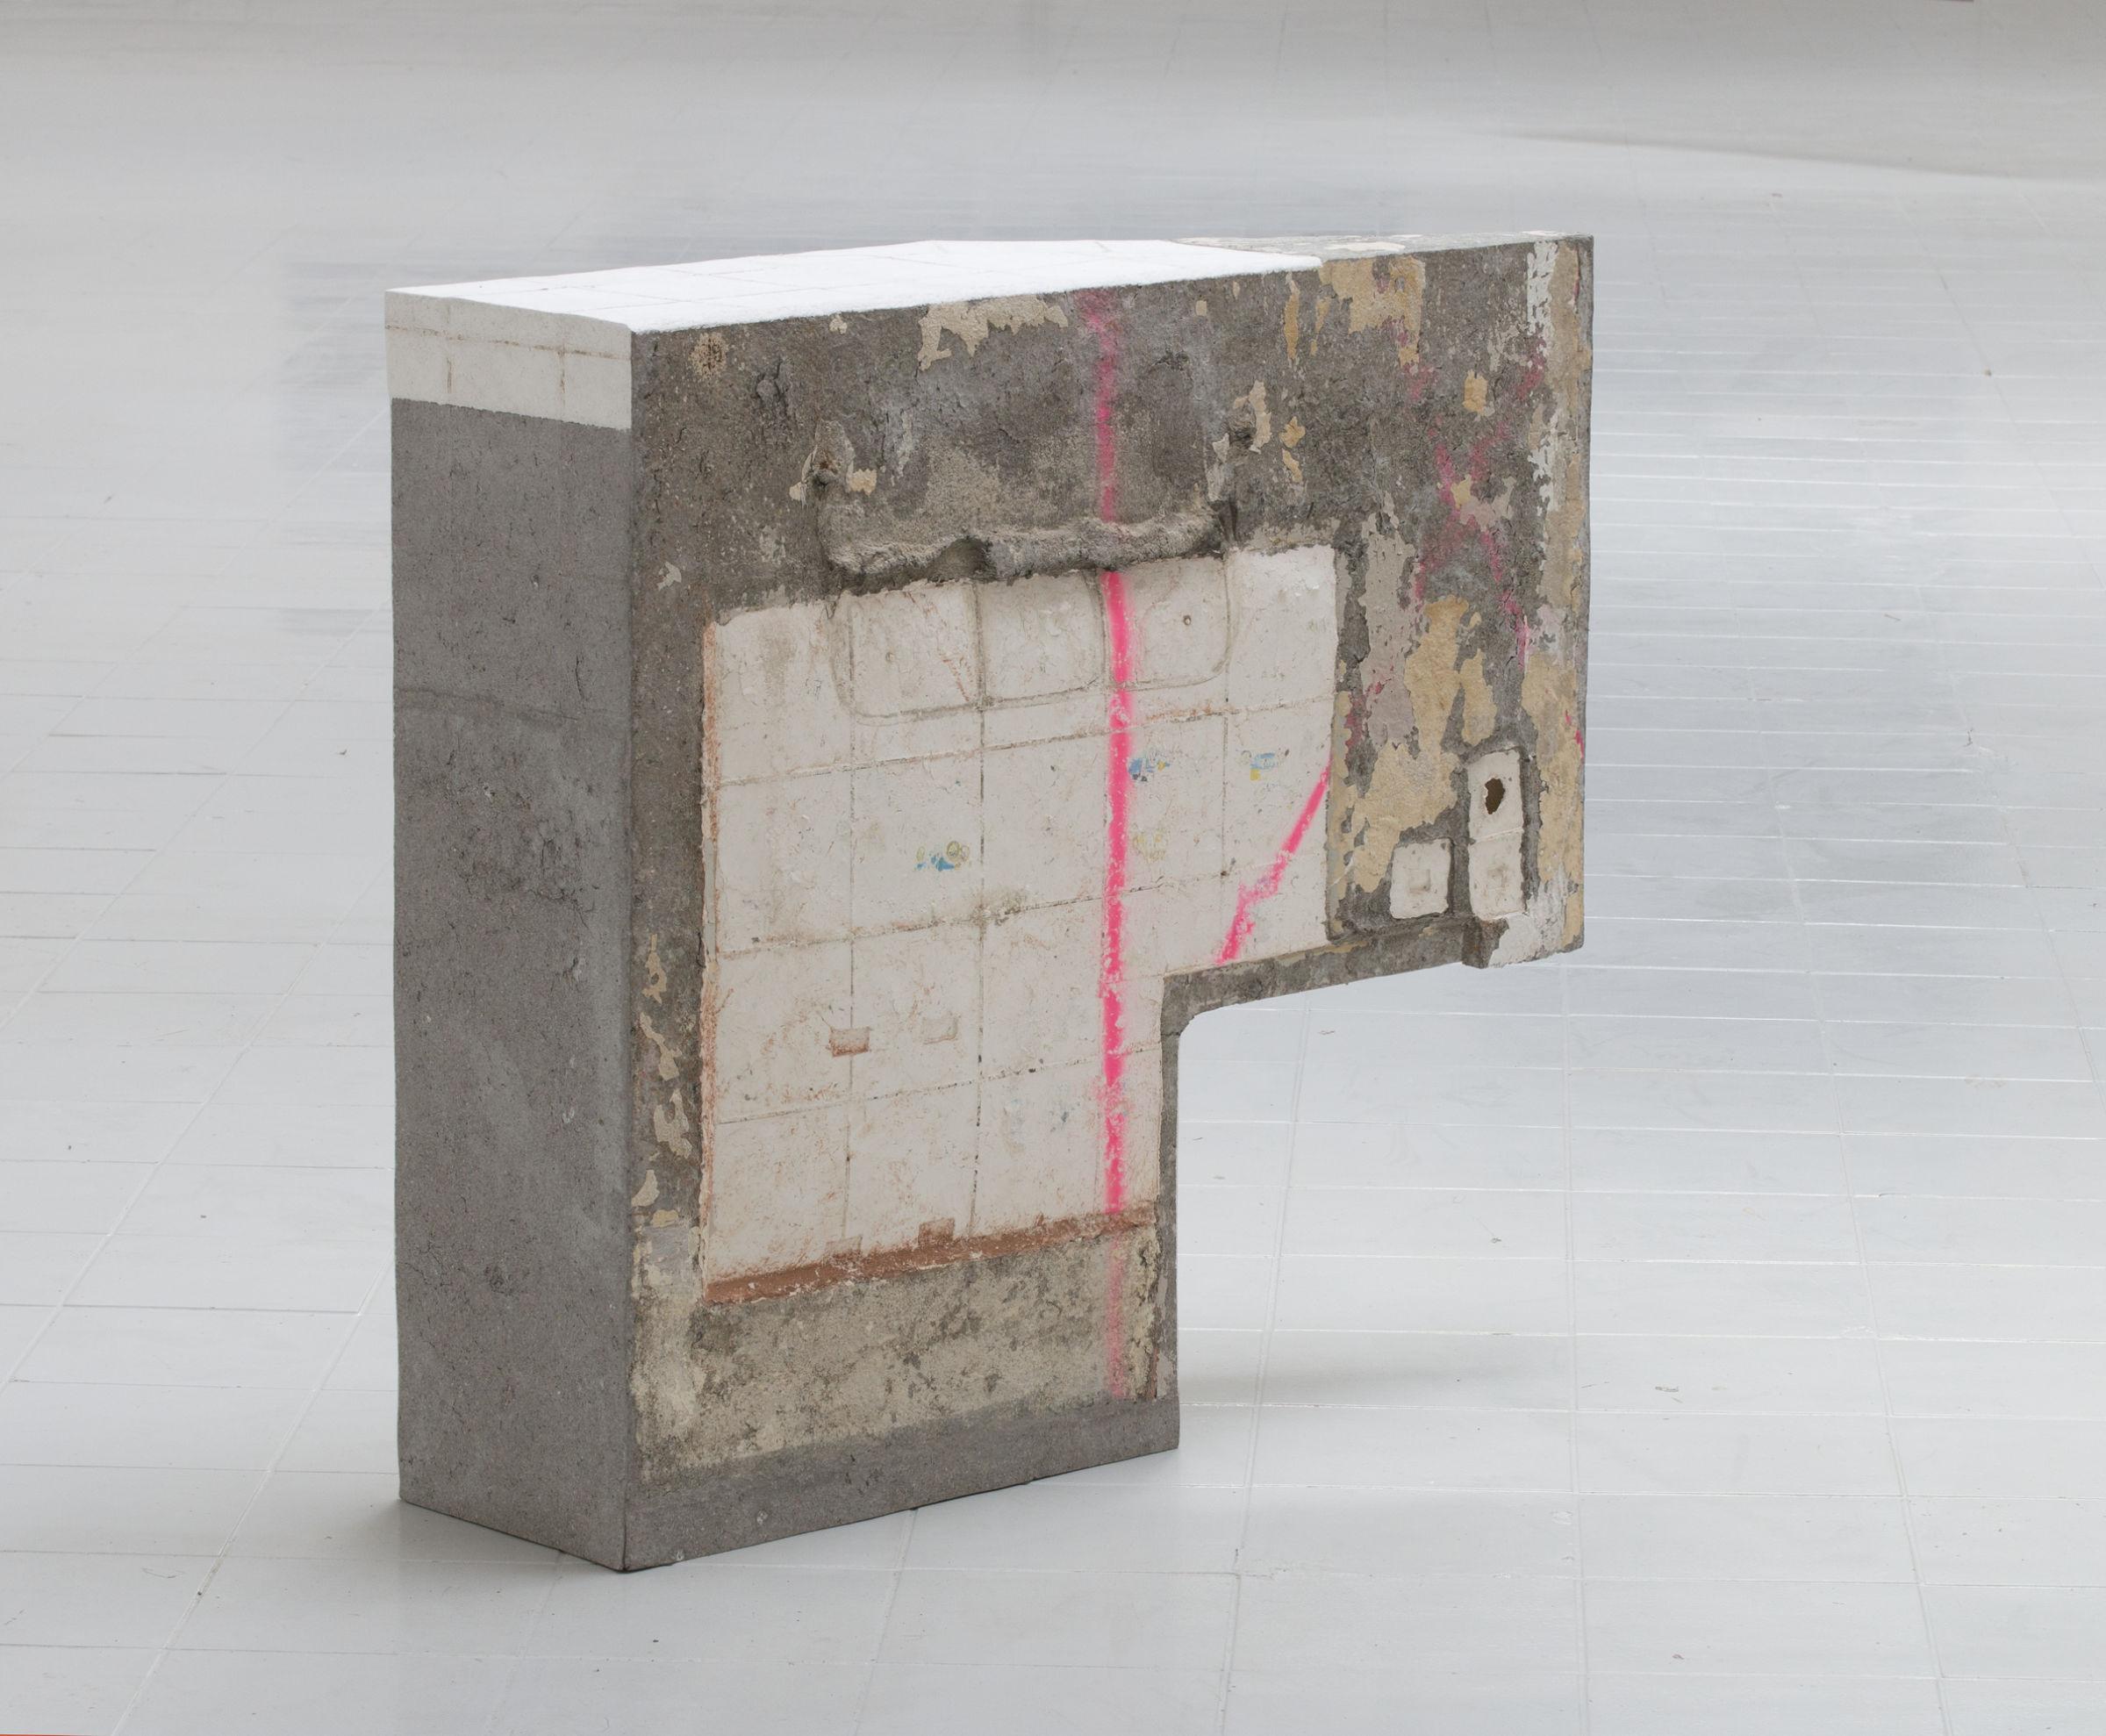 1_Keil-I_-2019-_-Papermachewallimprints-140cm-120cm-40cm_DSC0035